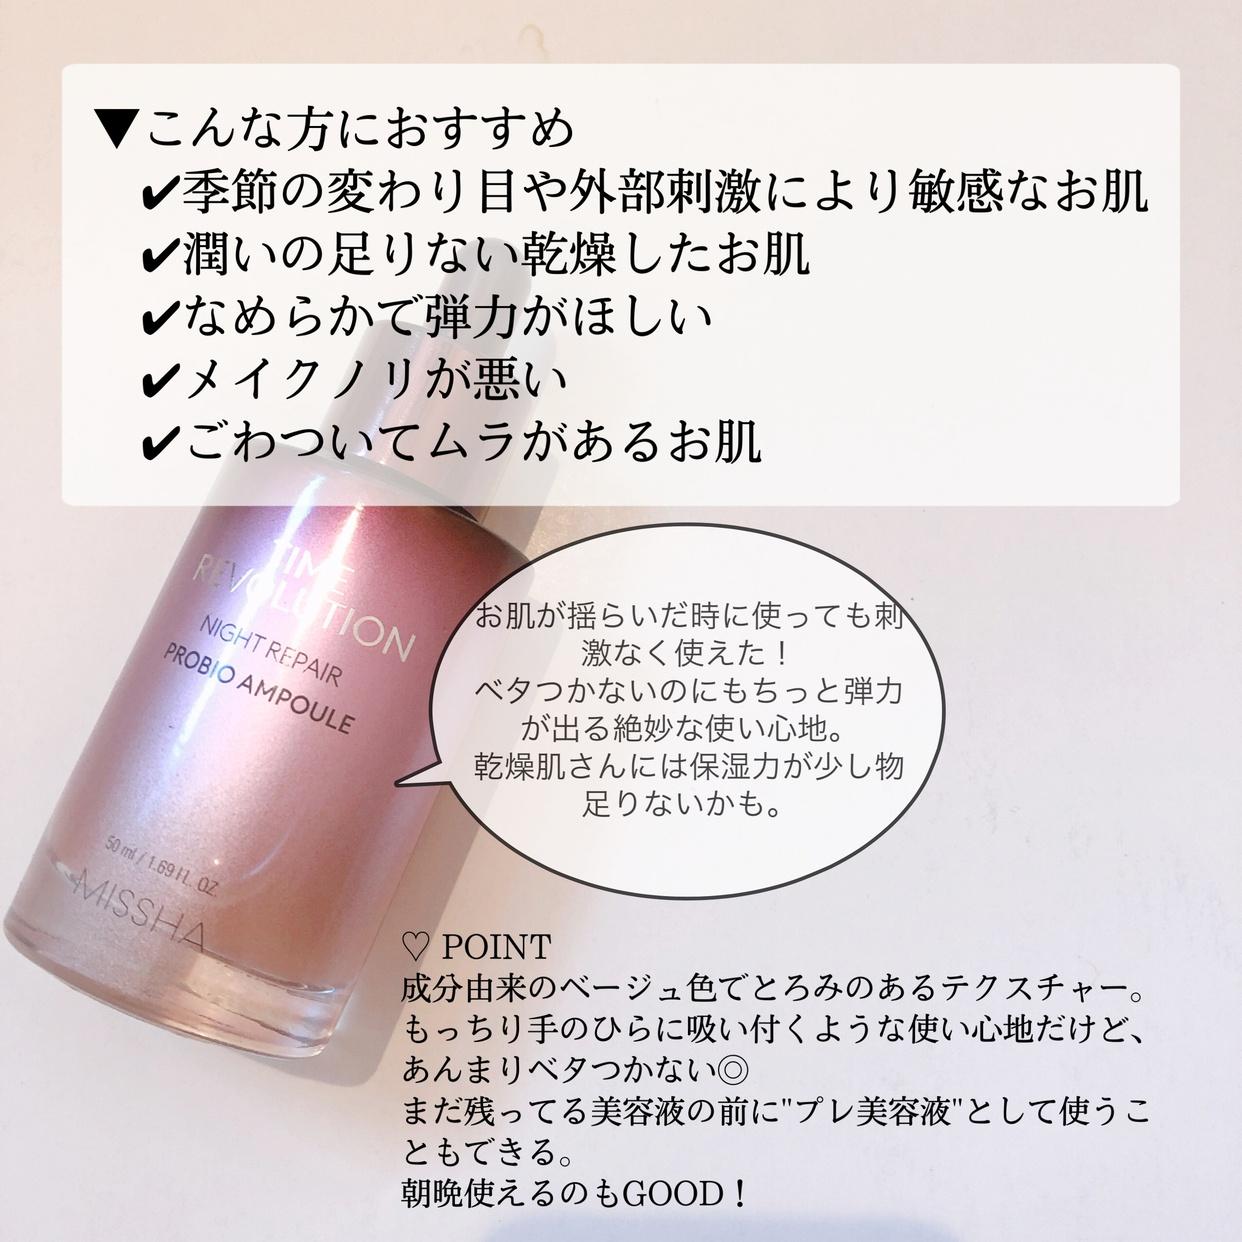 MISSHA(ミシャ) レボリューション ナイト サイエンス エッセンスを使ったsachikoさんのクチコミ画像3